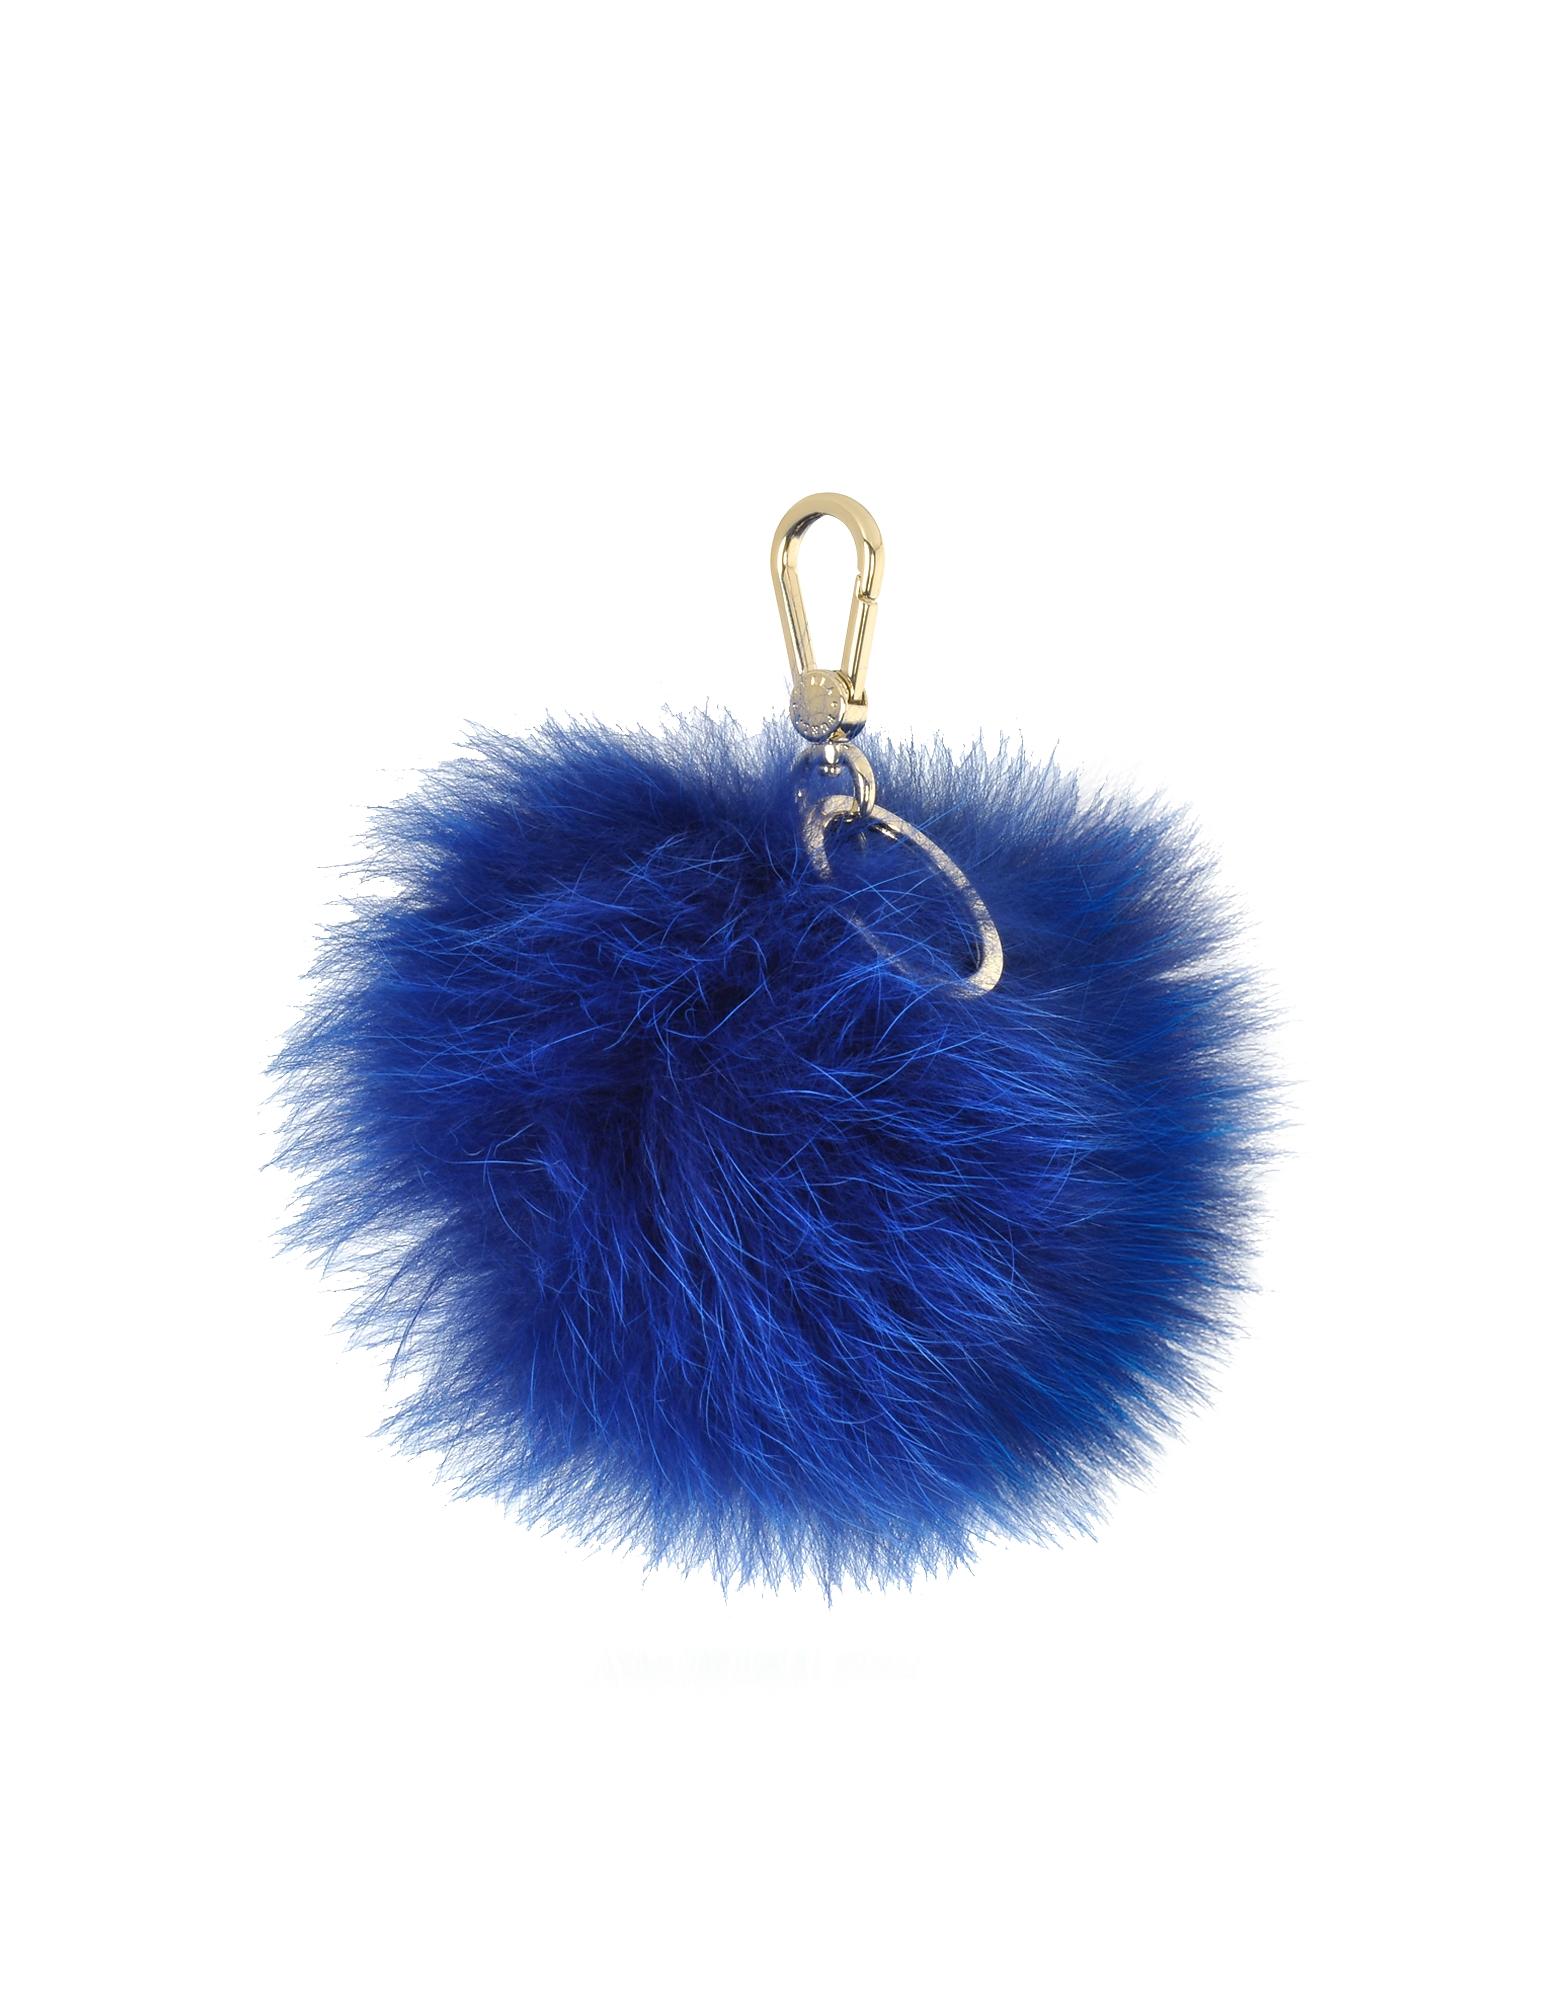 Bubble - Брелок для Ключей с Пом Поном из Меха